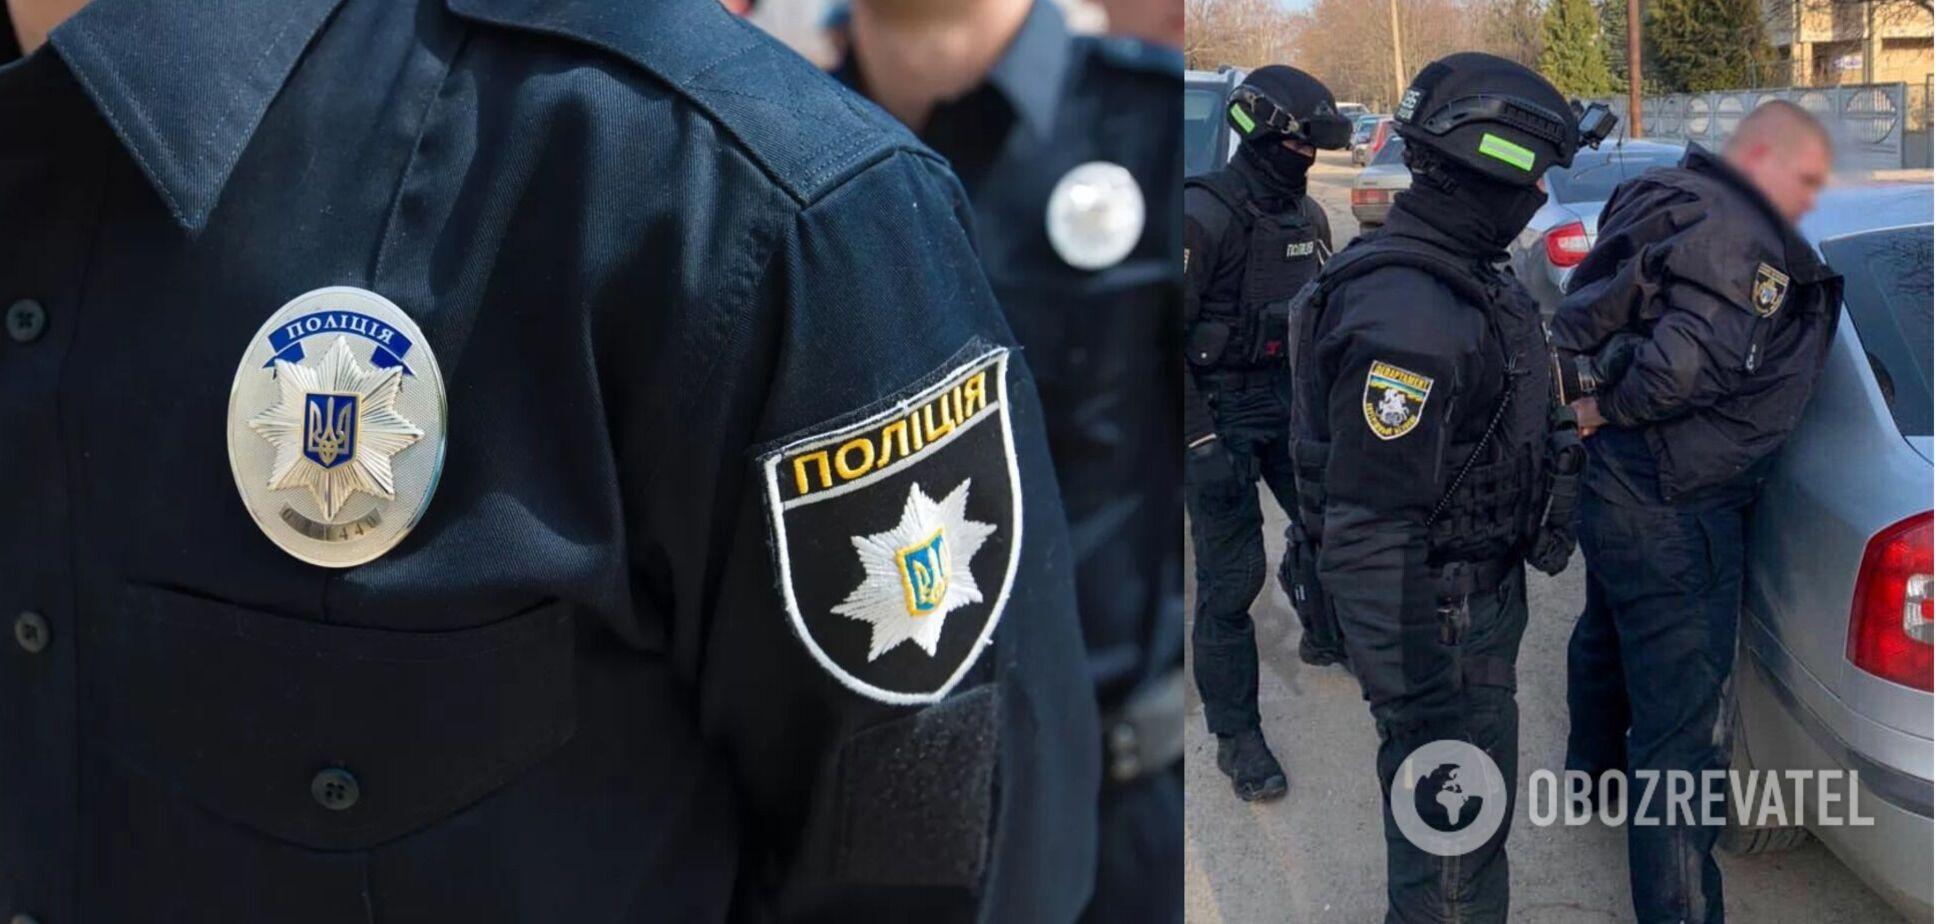 На Днепропетровщине задержали копа за 'сбор дани' с бизнеса